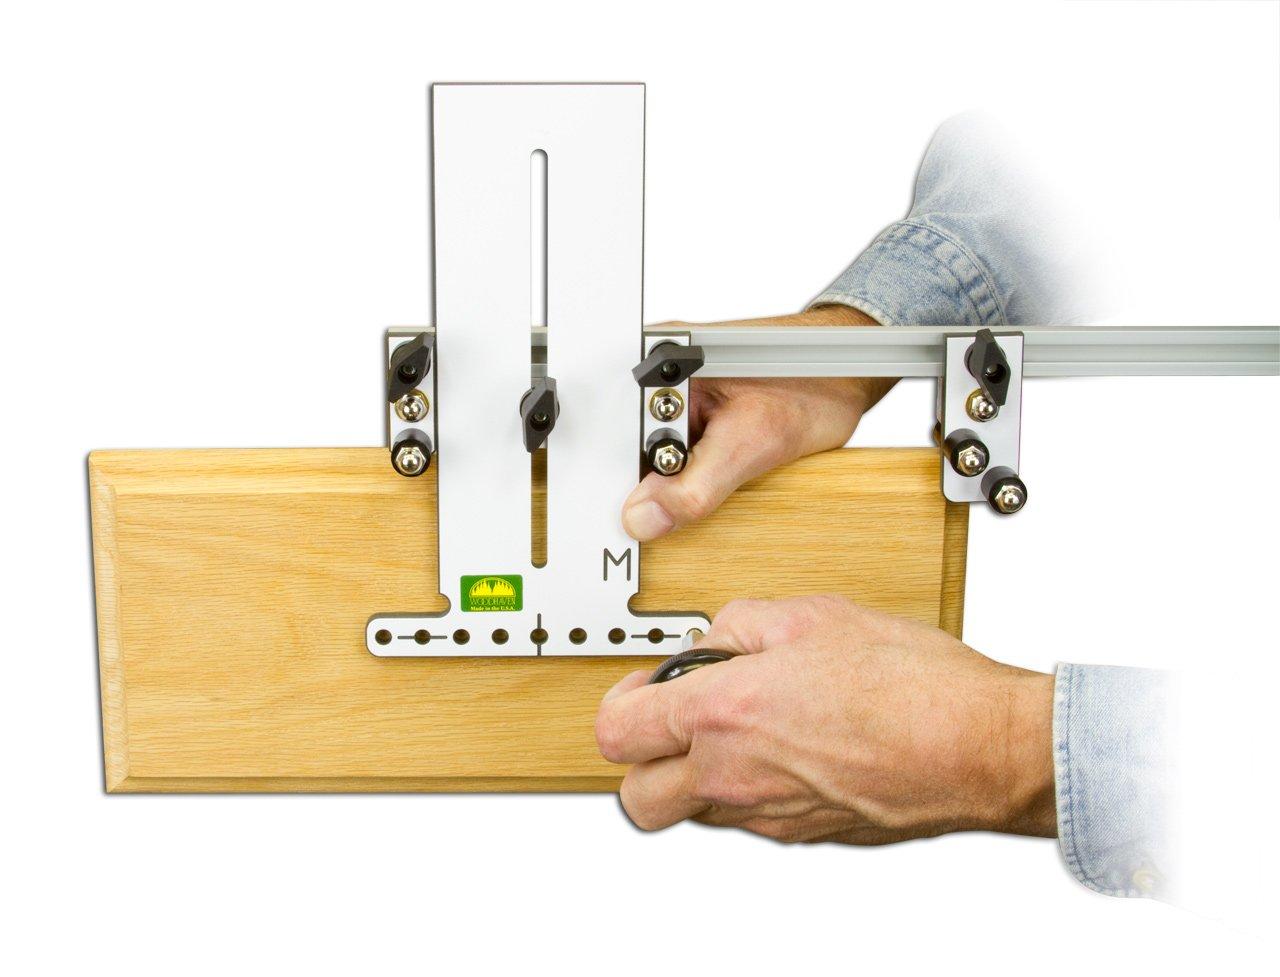 Woodhaven 8640 Metric Hardware Marking Jig